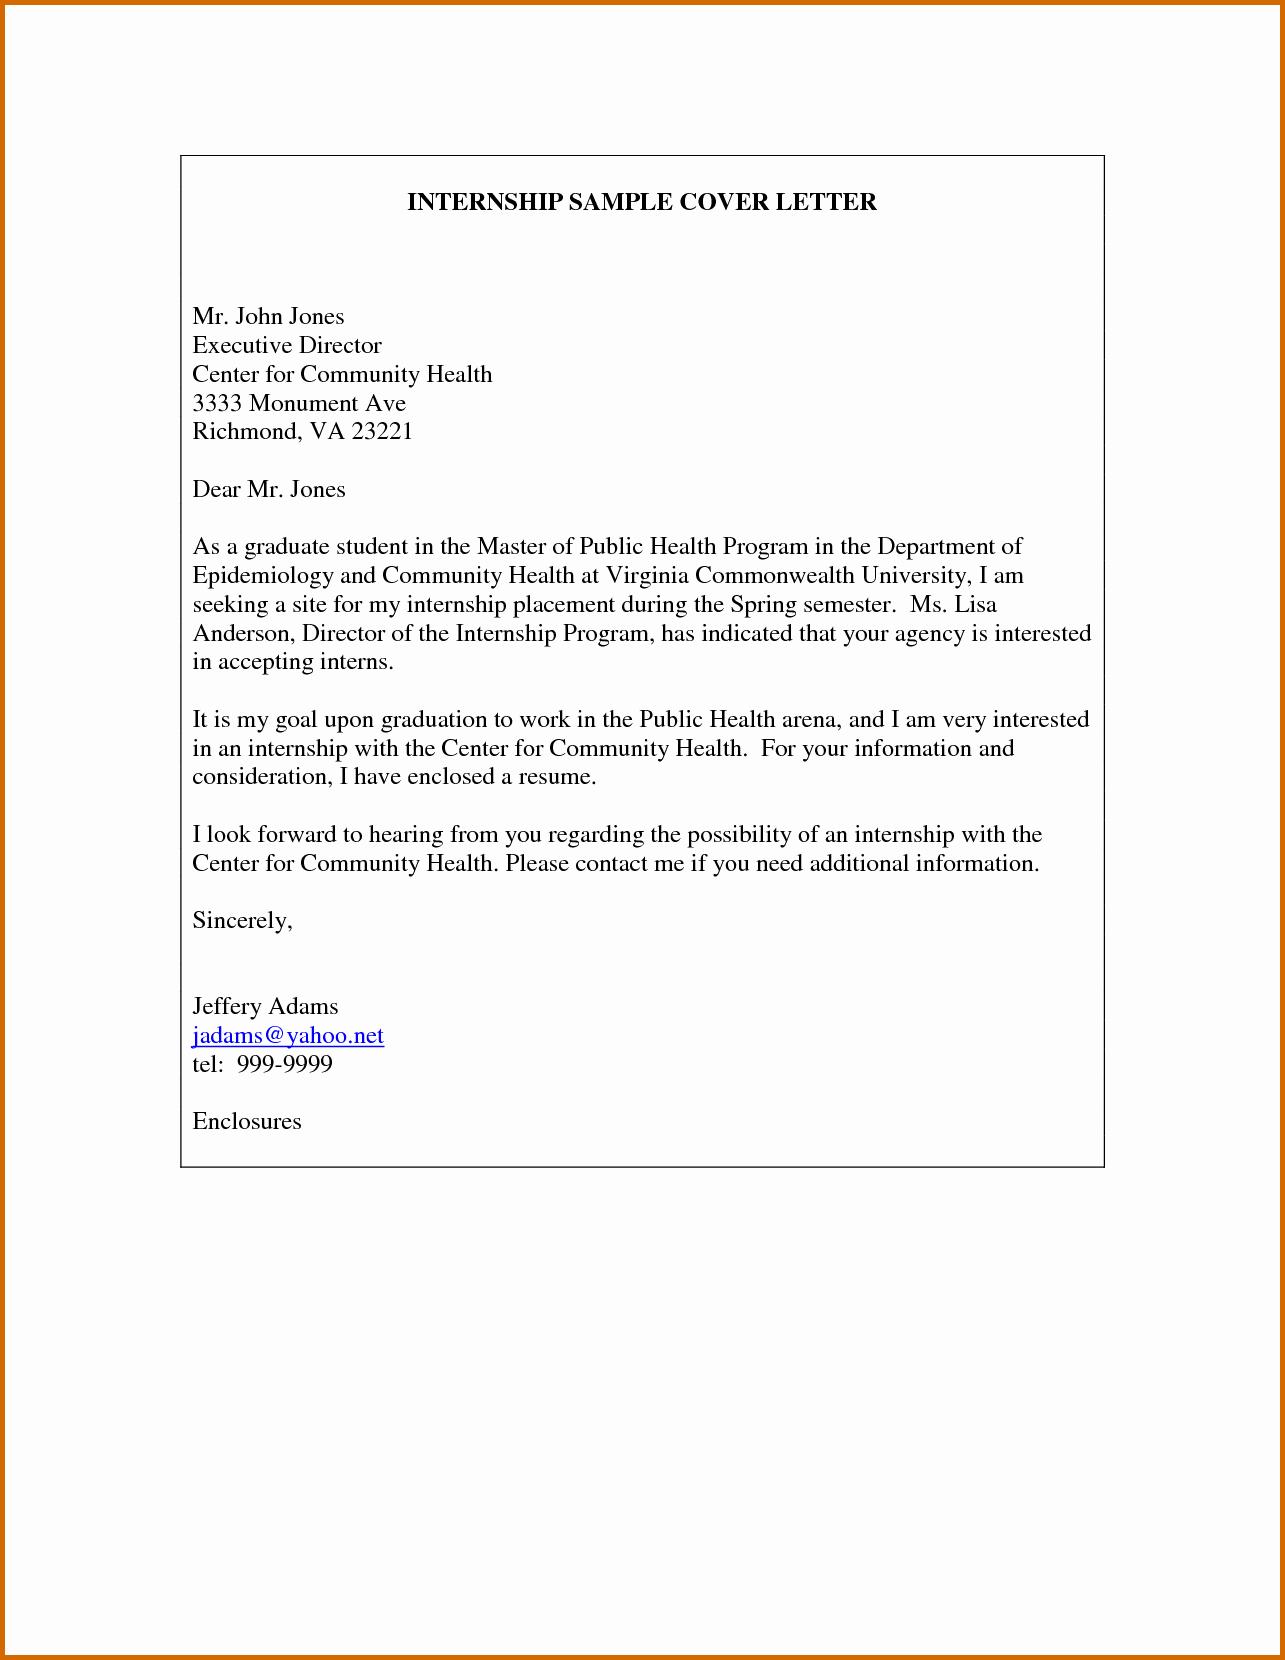 8 Internship Cover Letter Sample